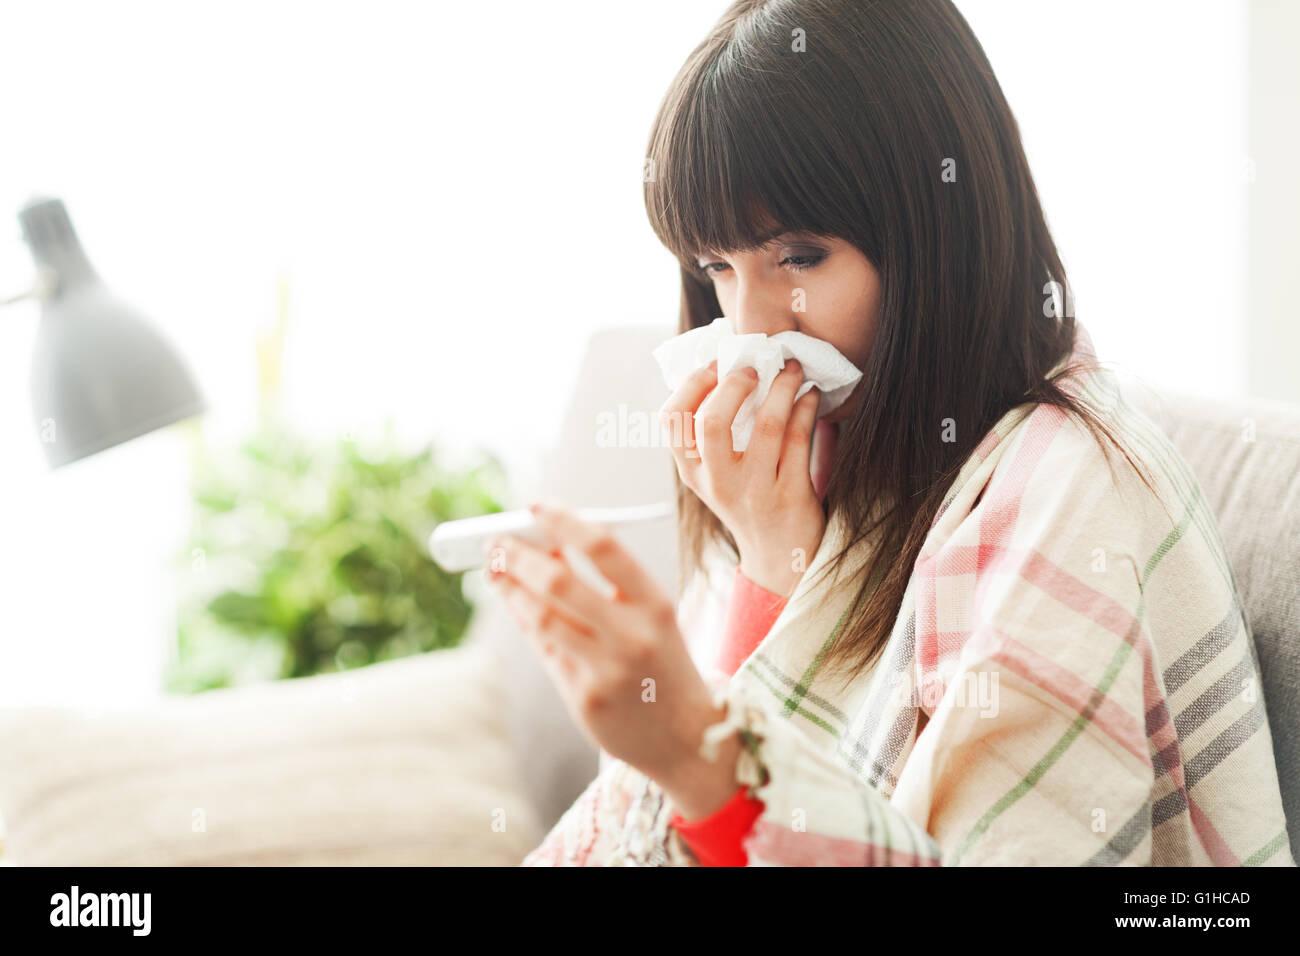 Junge Frau mit Erkältung und Grippe krank, sie ist ihre Nase und ihre Körpertemperatur messen Stockbild